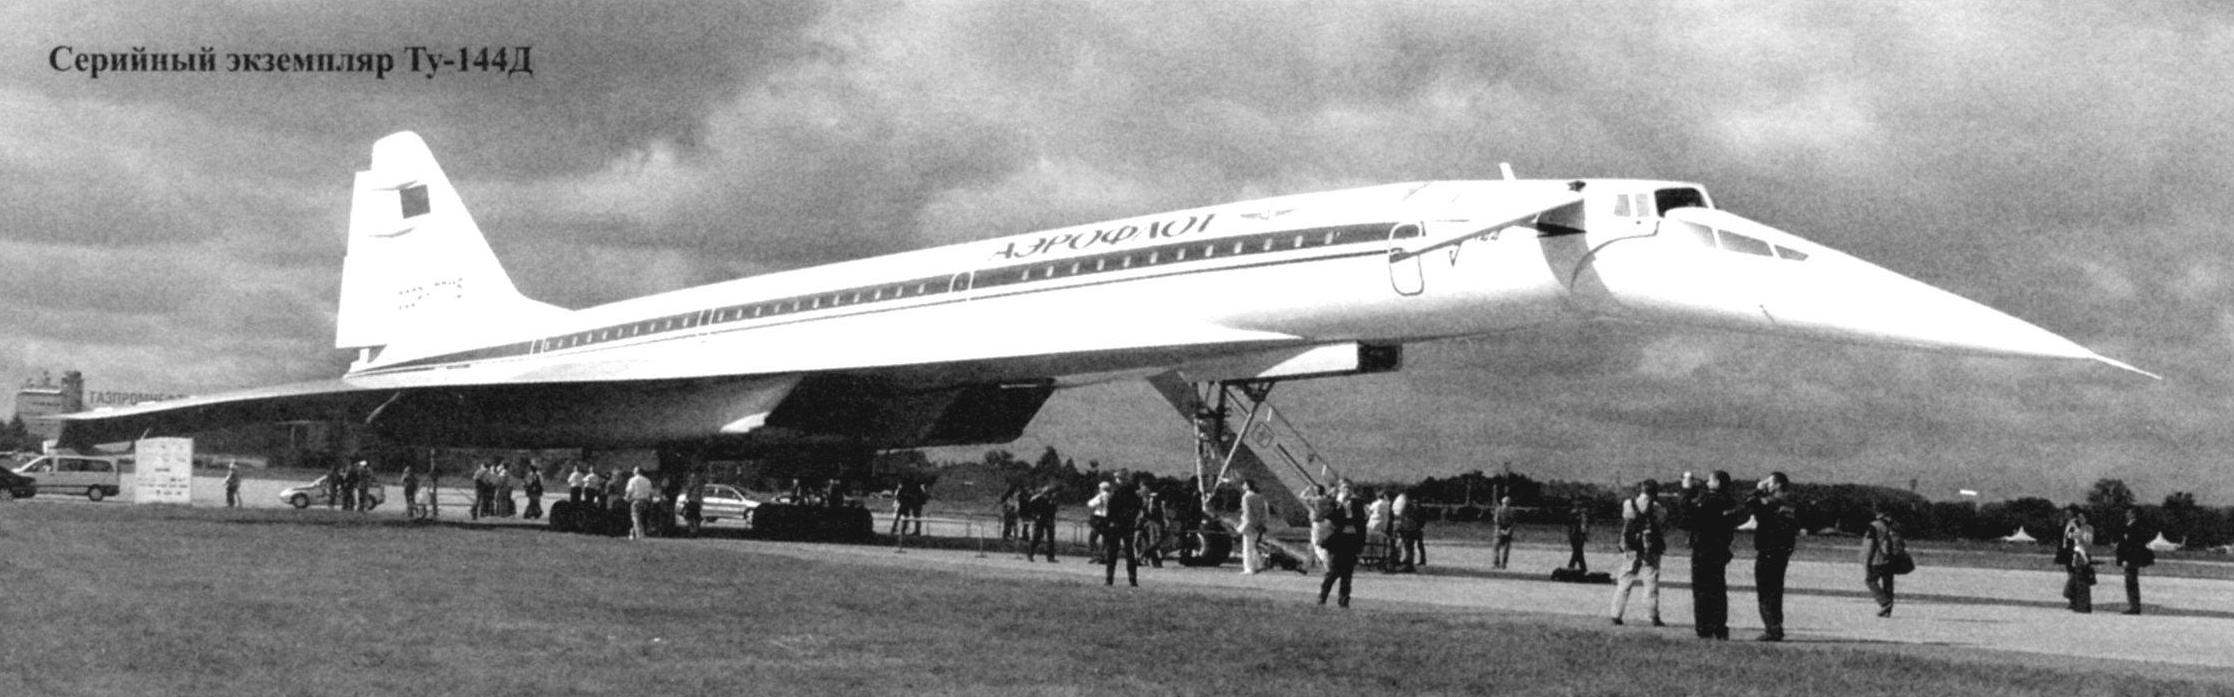 Серийный экземпляр Ту-144 Д